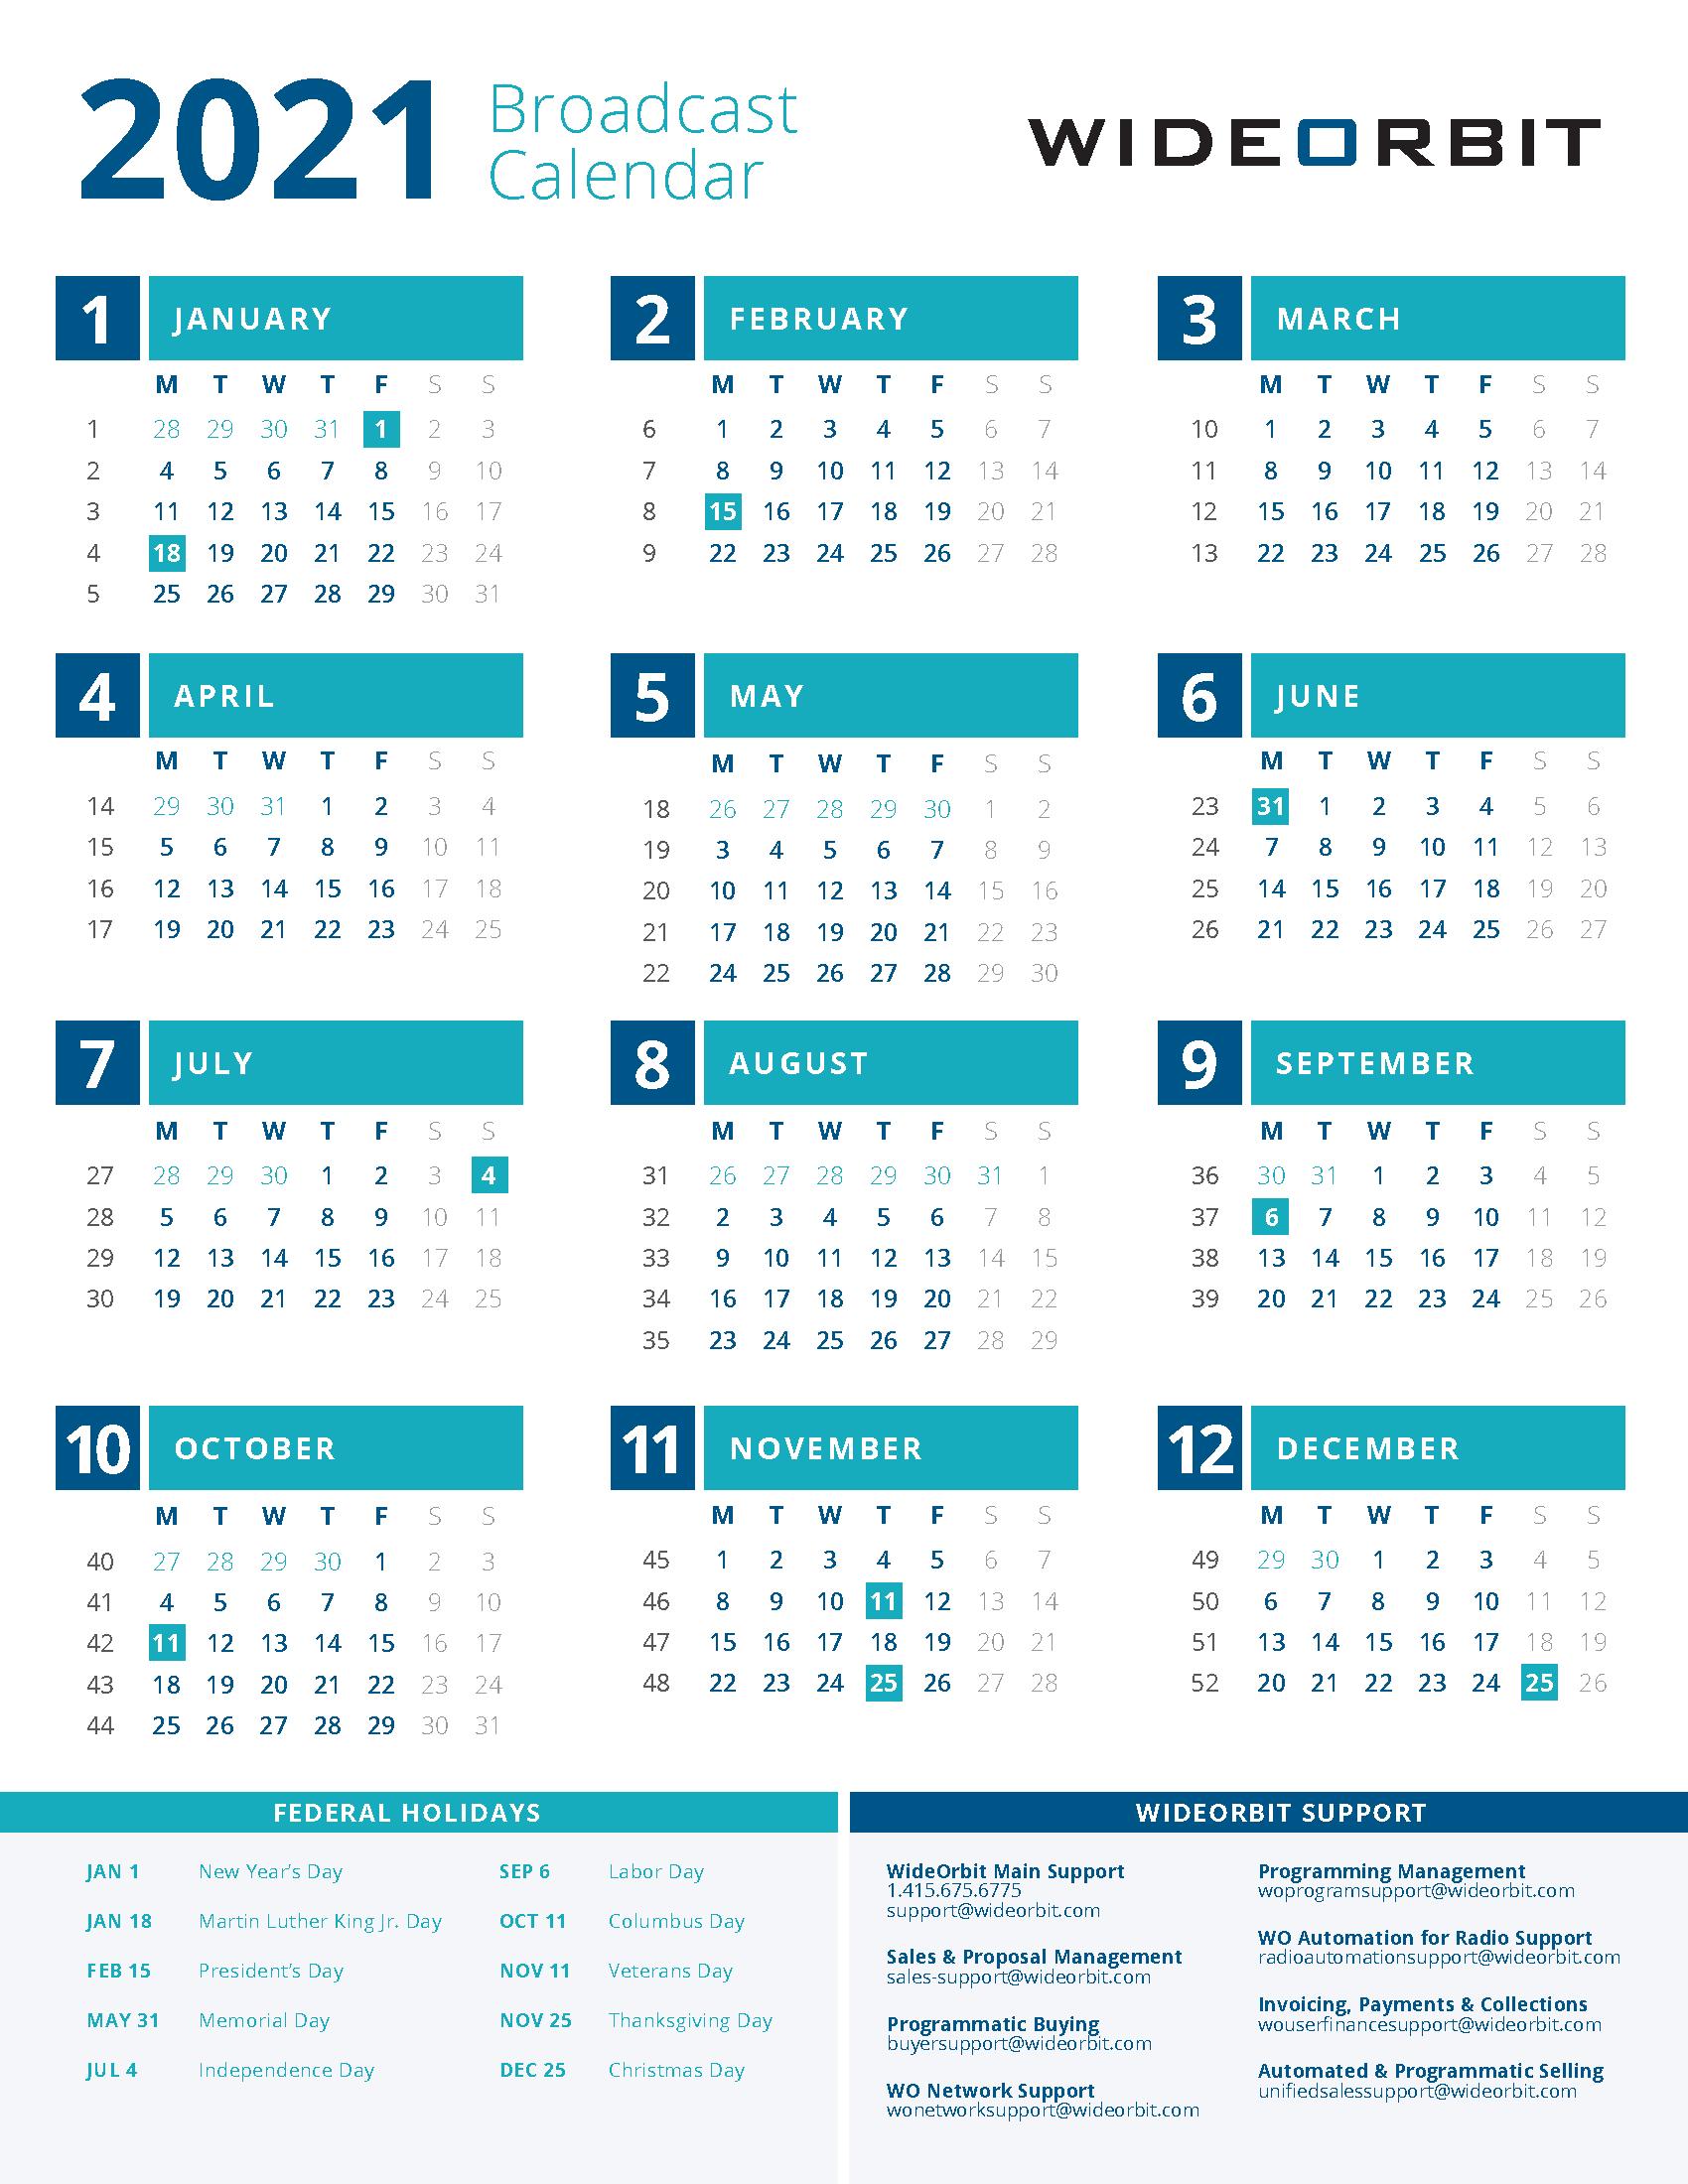 Broadcast Calendar 2021 2021 WideOrbit Broadcast Calendar